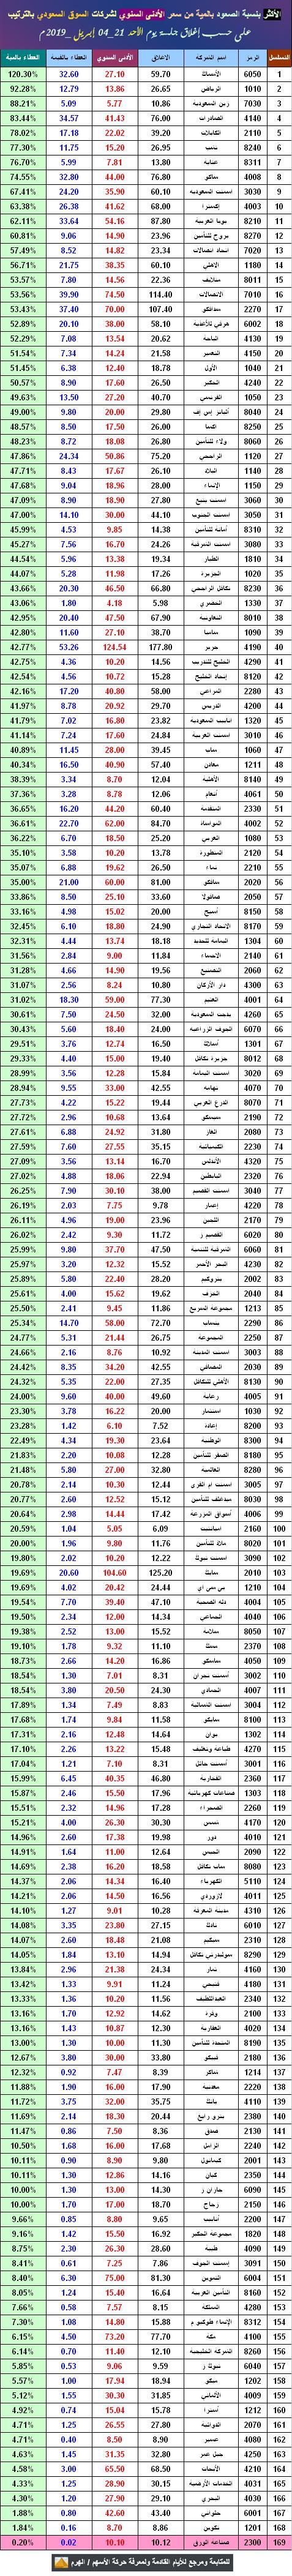 رمز 2300 الشركة السعودية لصناعة الورق إغلاق 10.42 نادي خبراء المال